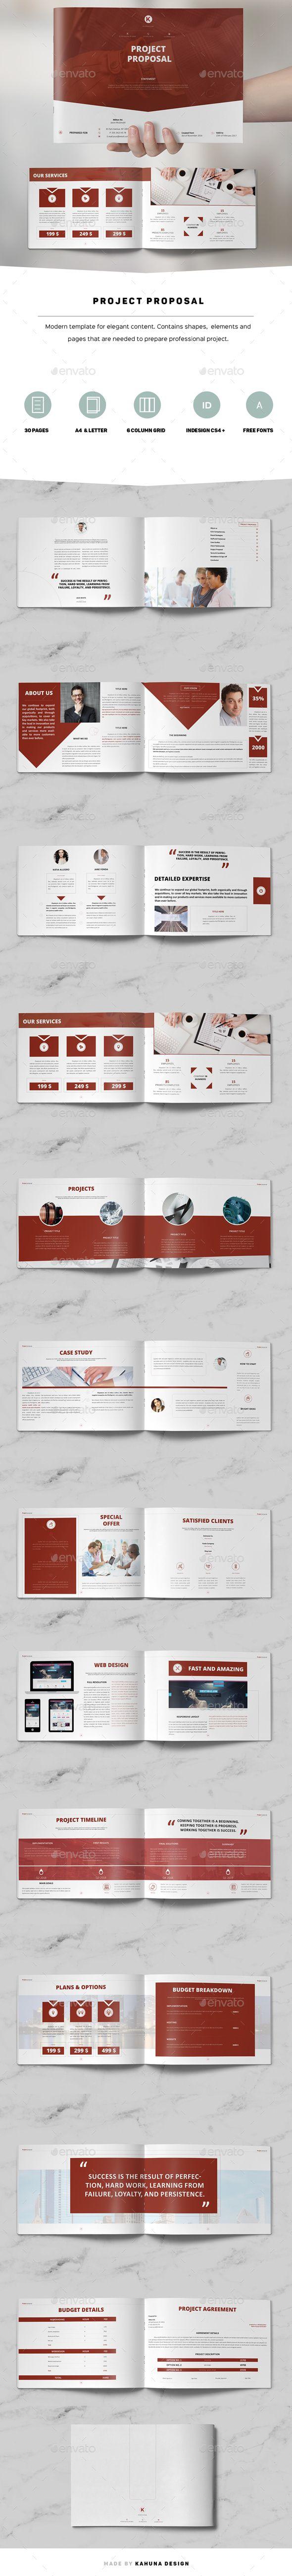 Project Proposal Landscape 02 2695 best Brochure